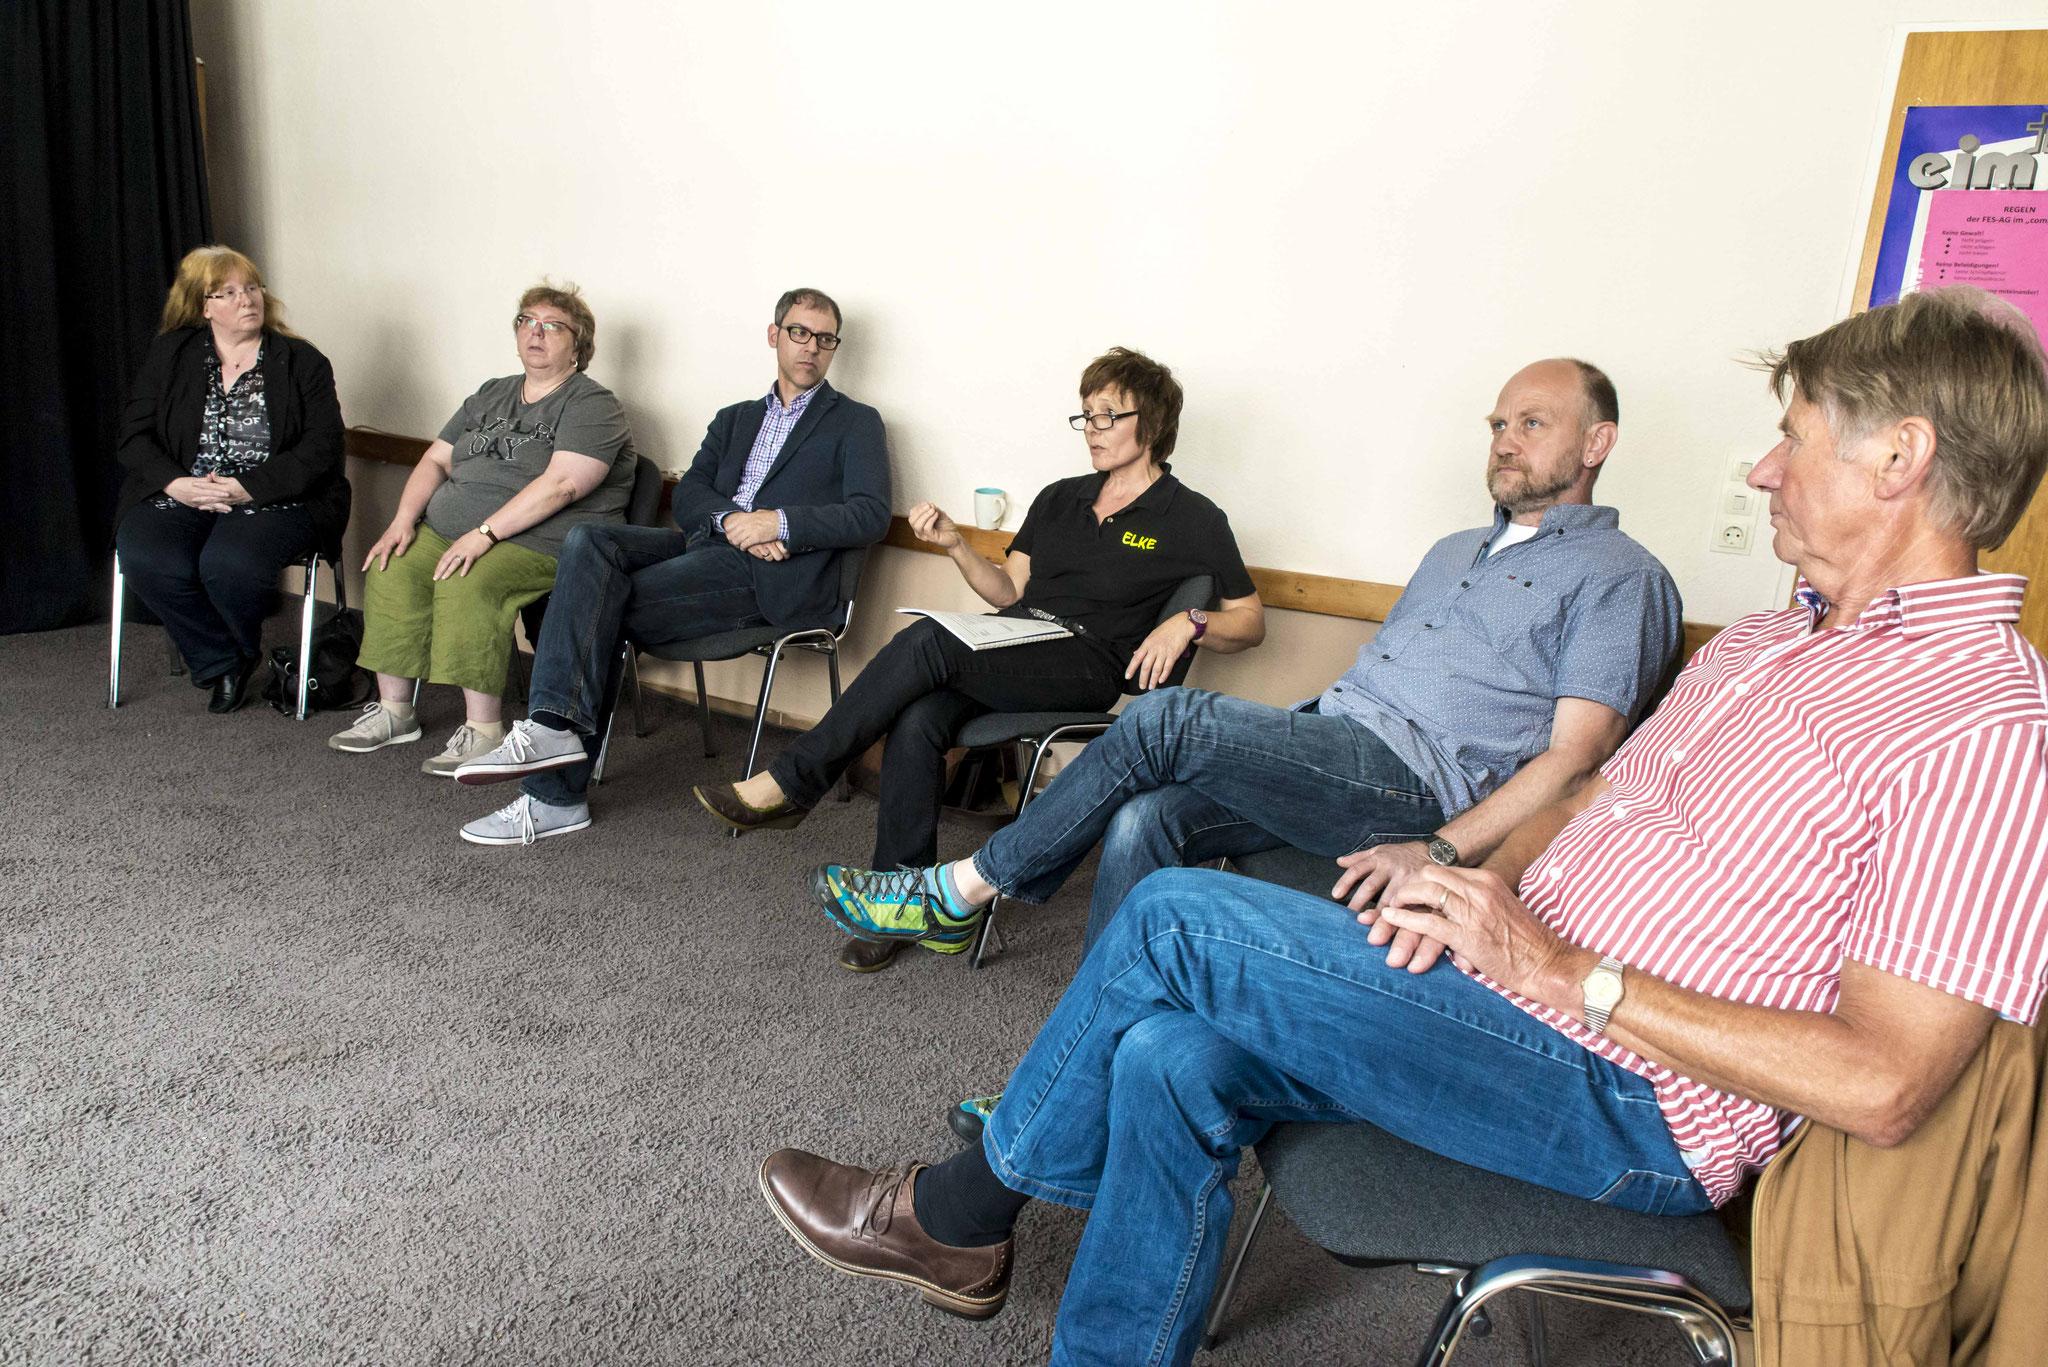 Gespräch mit Mitarbeitern und Mitgliedern des Jugendausschusses im Jugendhaus compass